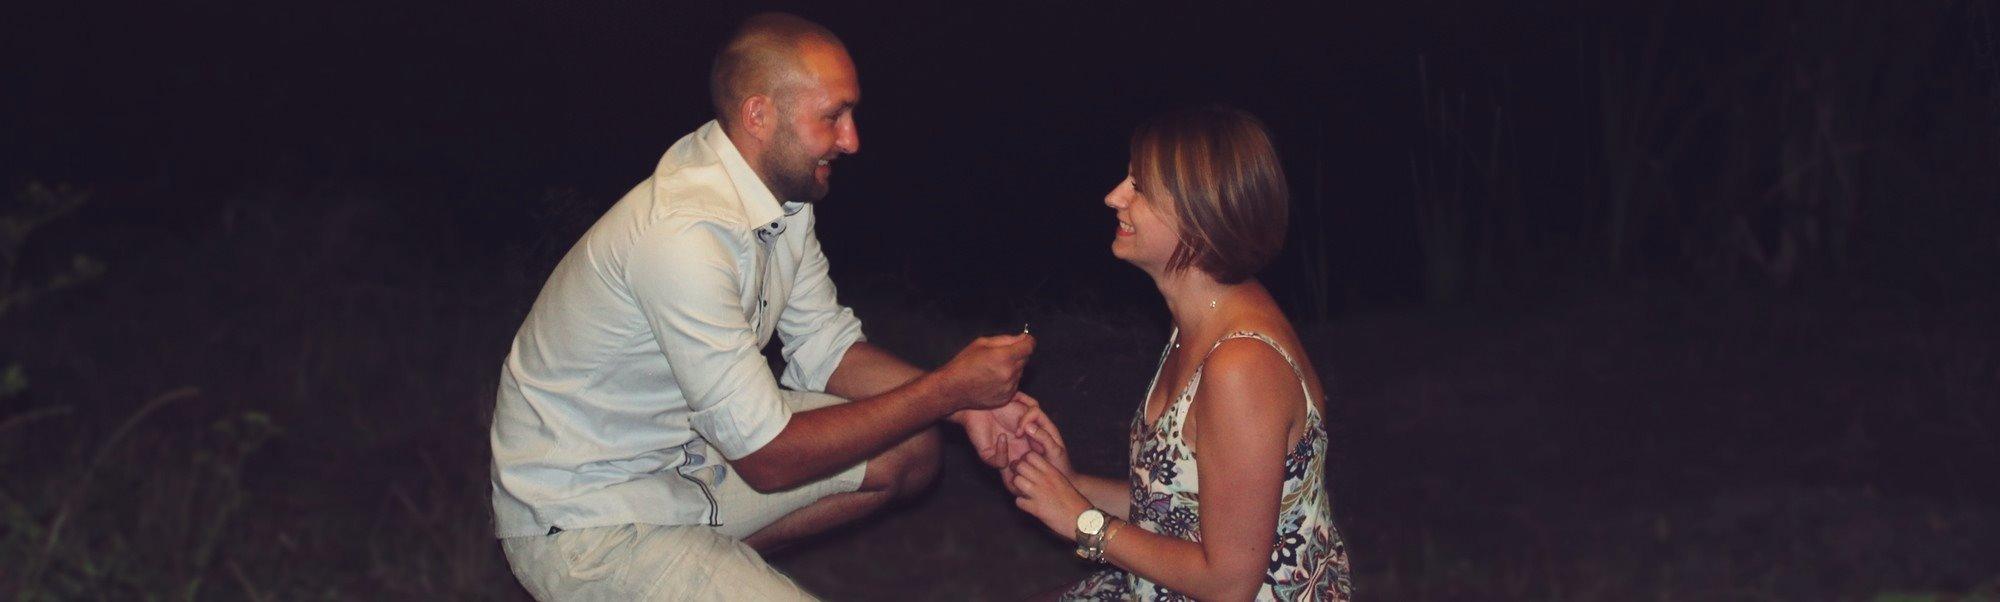 demande en mariage nord pas de calais